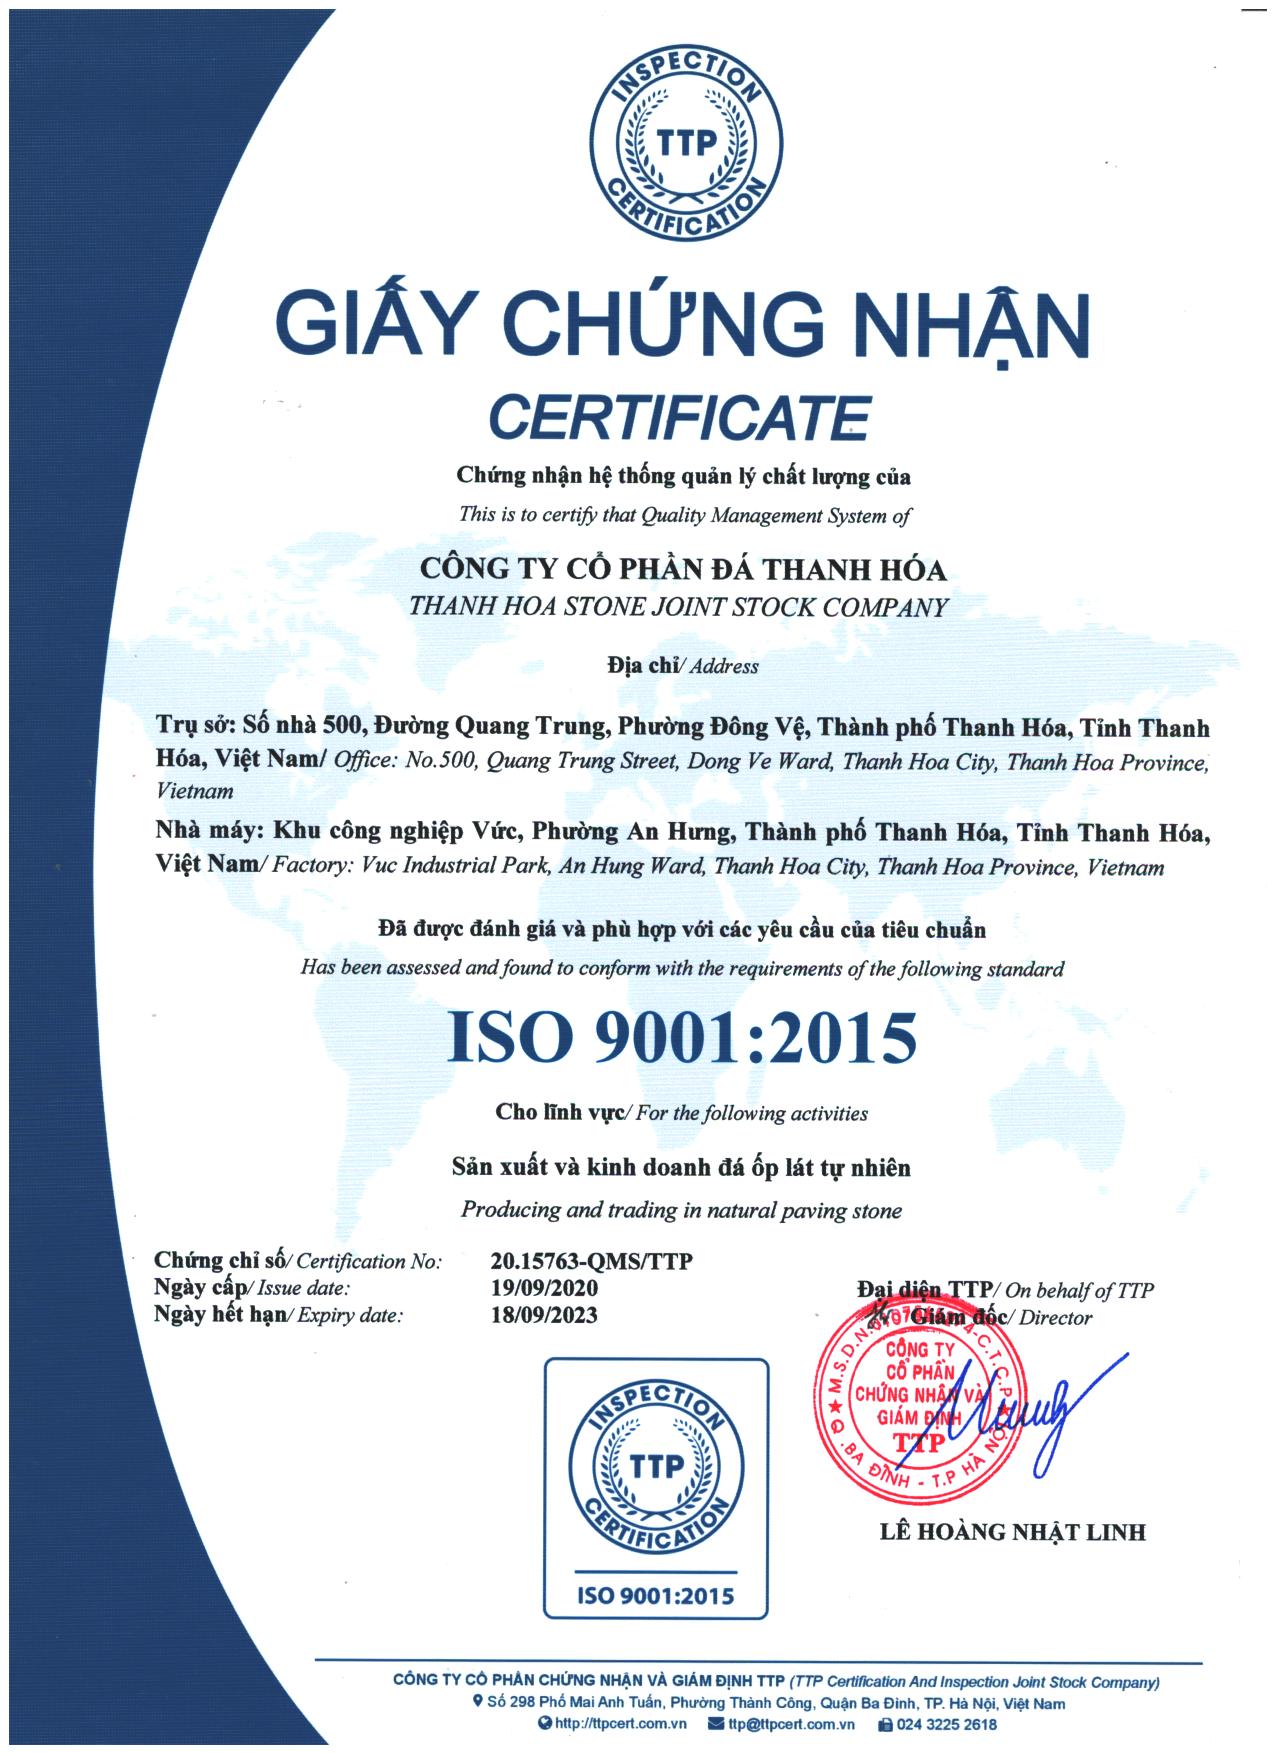 Giấy chứng nhận ISO Hợp Quy, CO / CQ đá Thanh Hóa